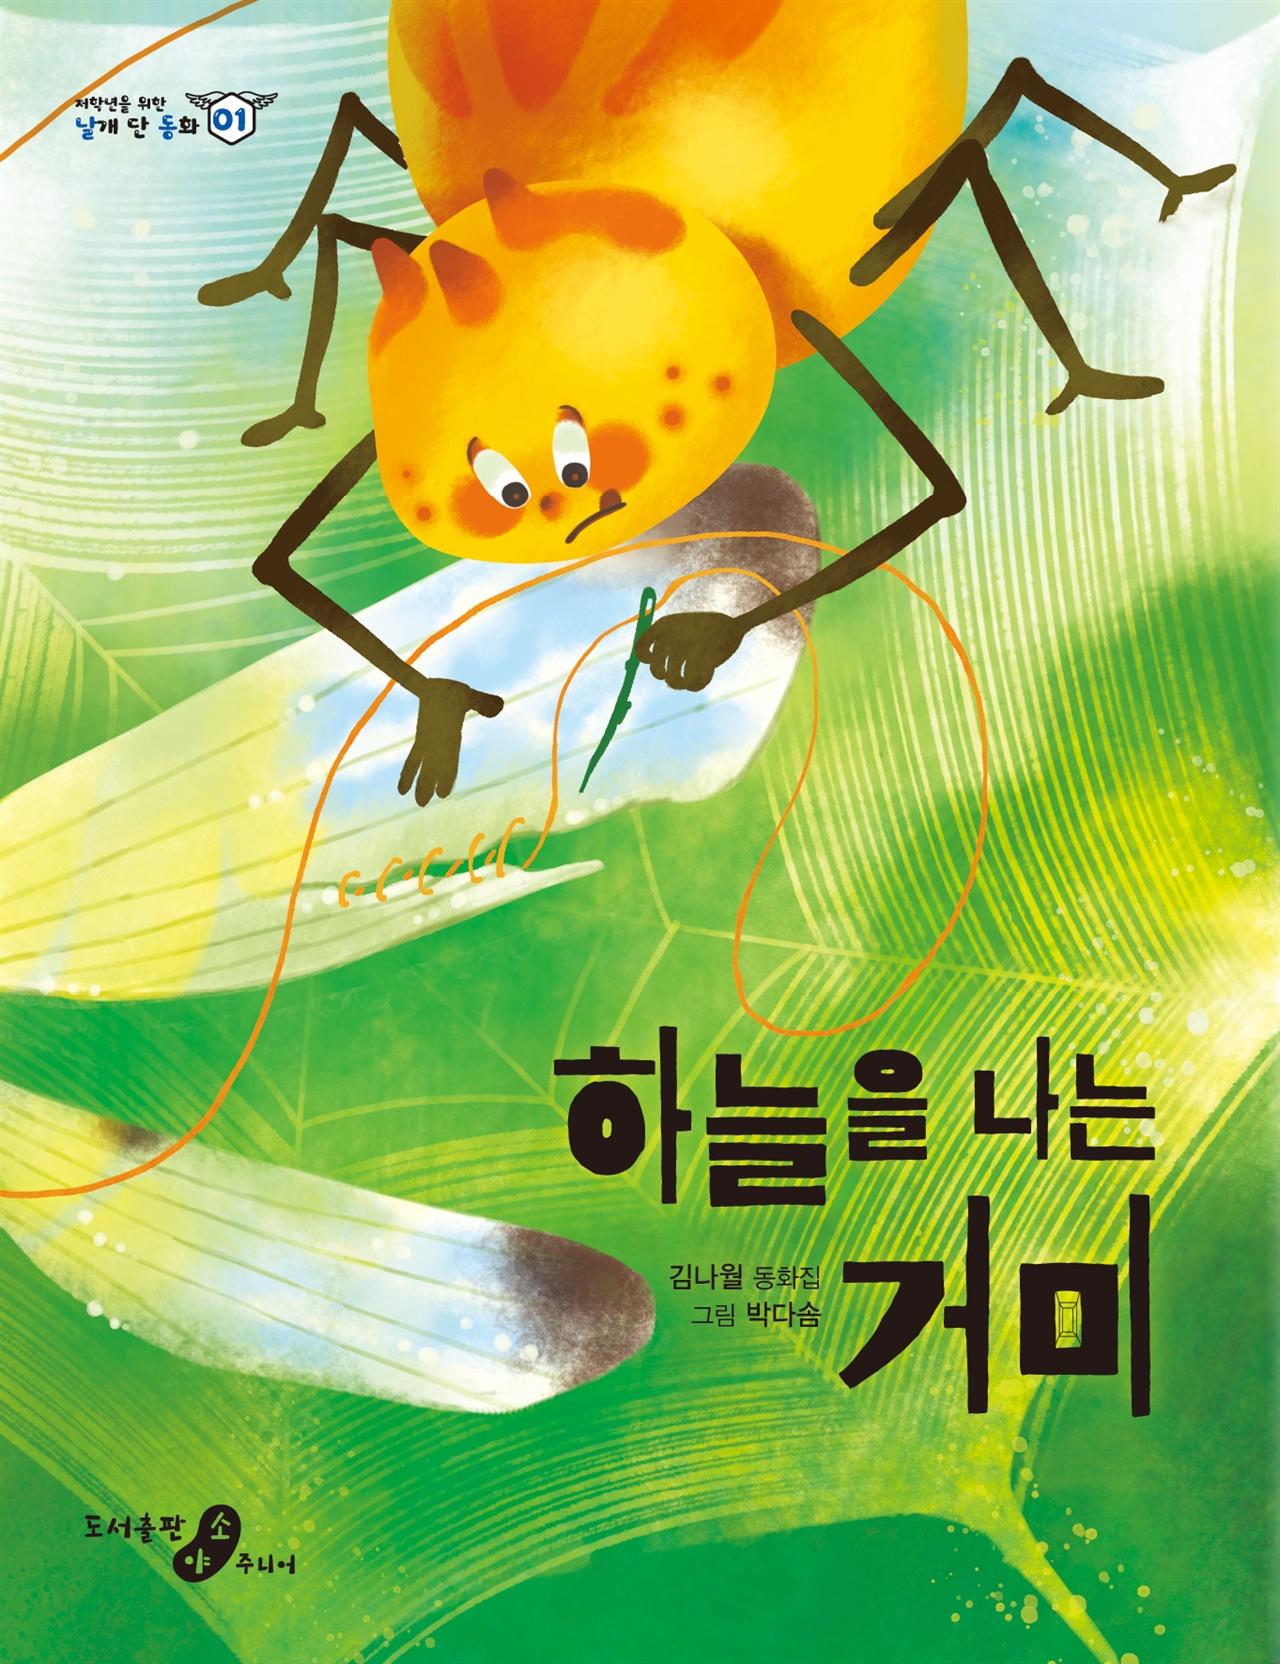 김나월 창작동화 '하늘을 나는 거미' 김나월 창작동화집 하늘을 나는 거미는 '판타지'를 제대로 살린 동화집이다.